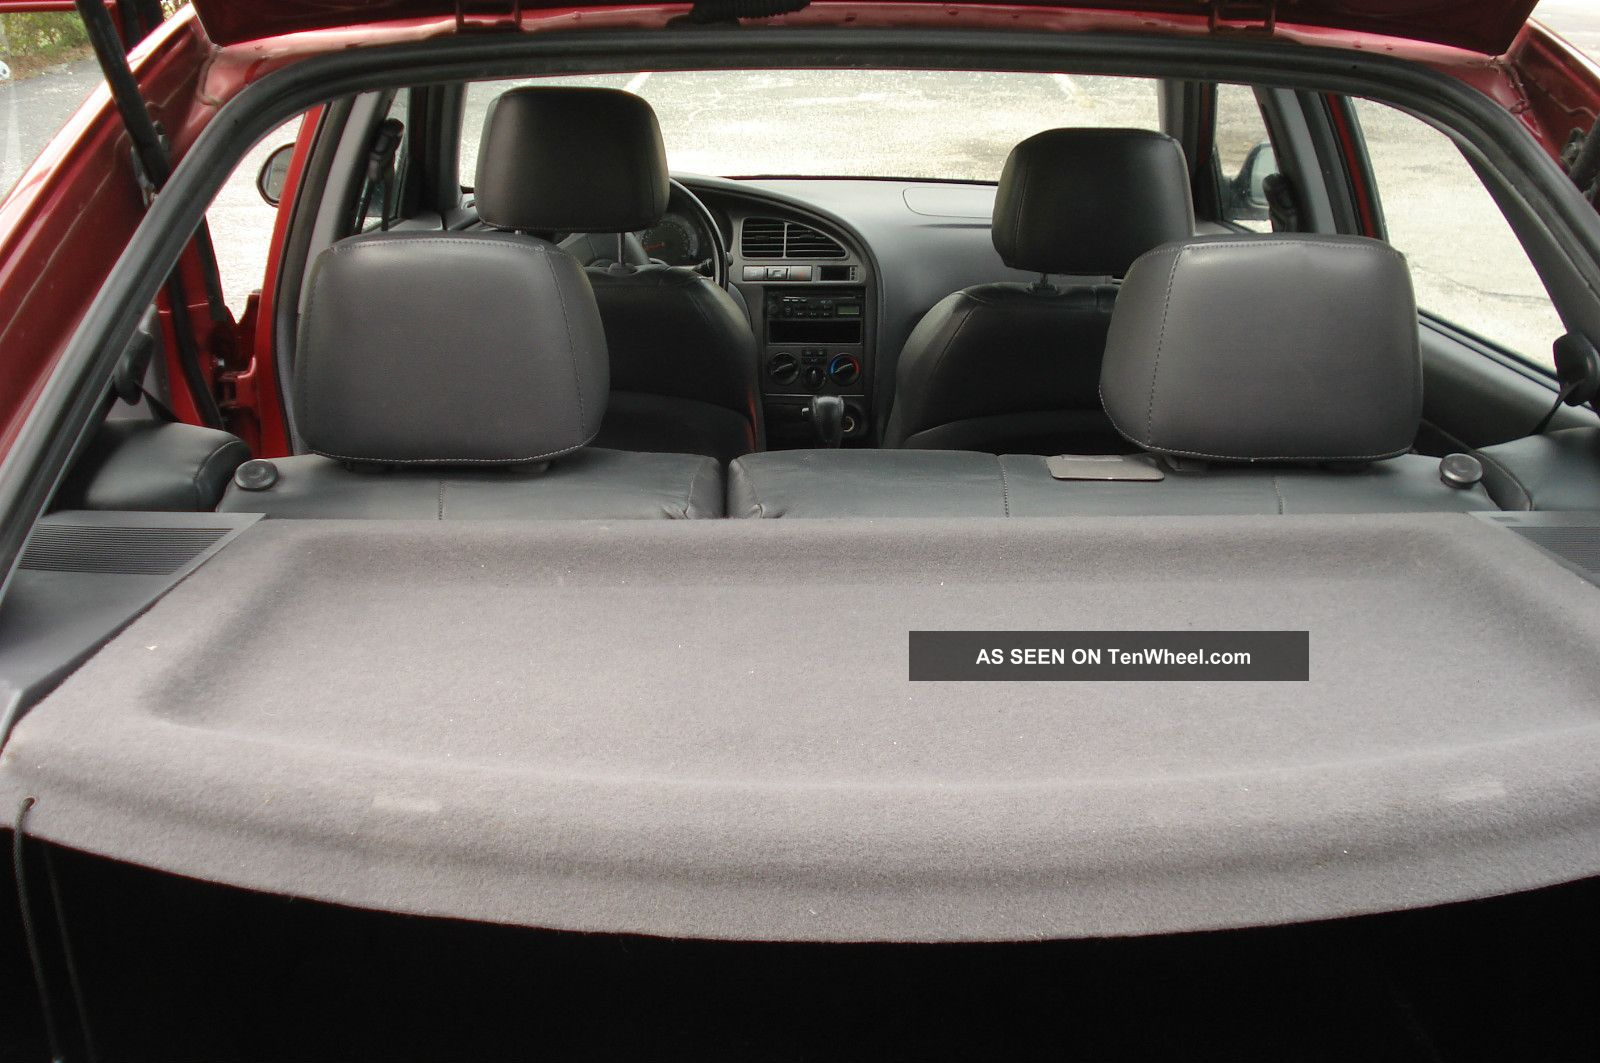 Hyundai Elantra Gt Hatchback Door L Interior Lgw on 2002 Hyundai Elantra Gls Gt